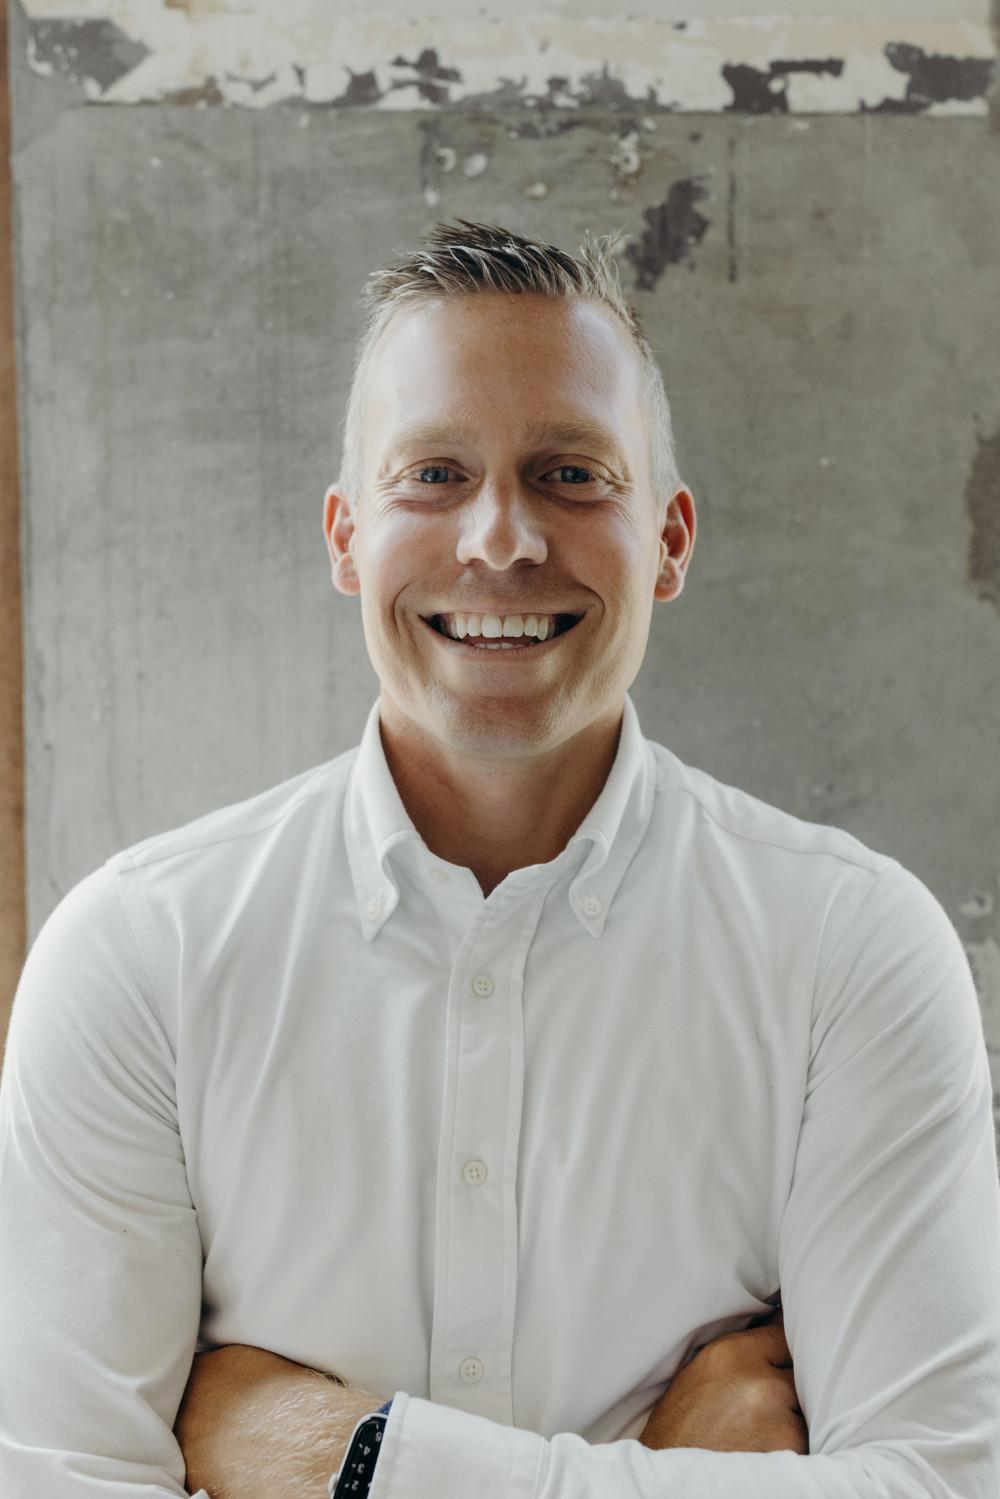 Brian Betts, CIO